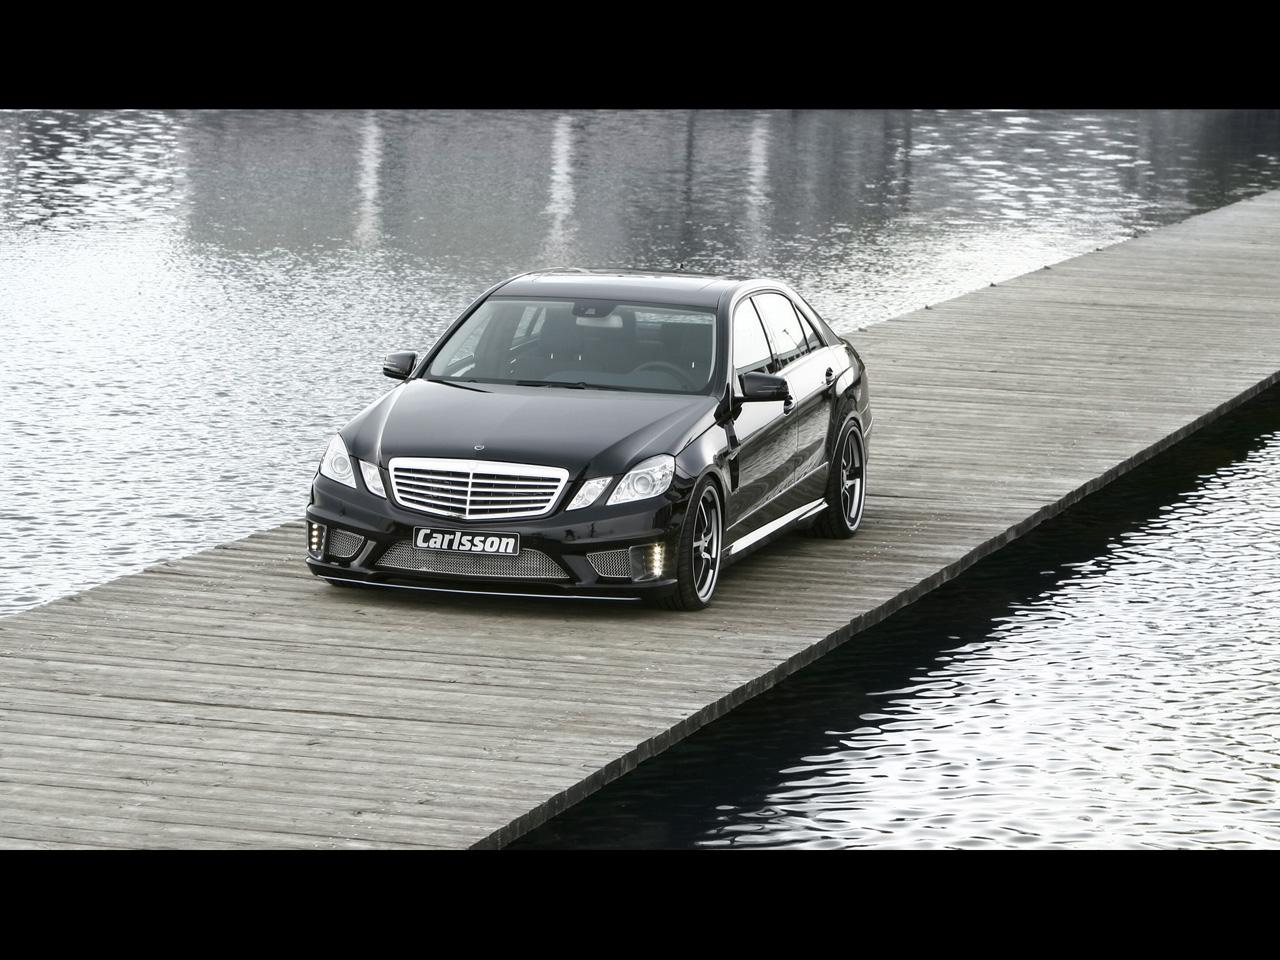 2009 Carlsson Mercedes Benz E Class Wallpapers